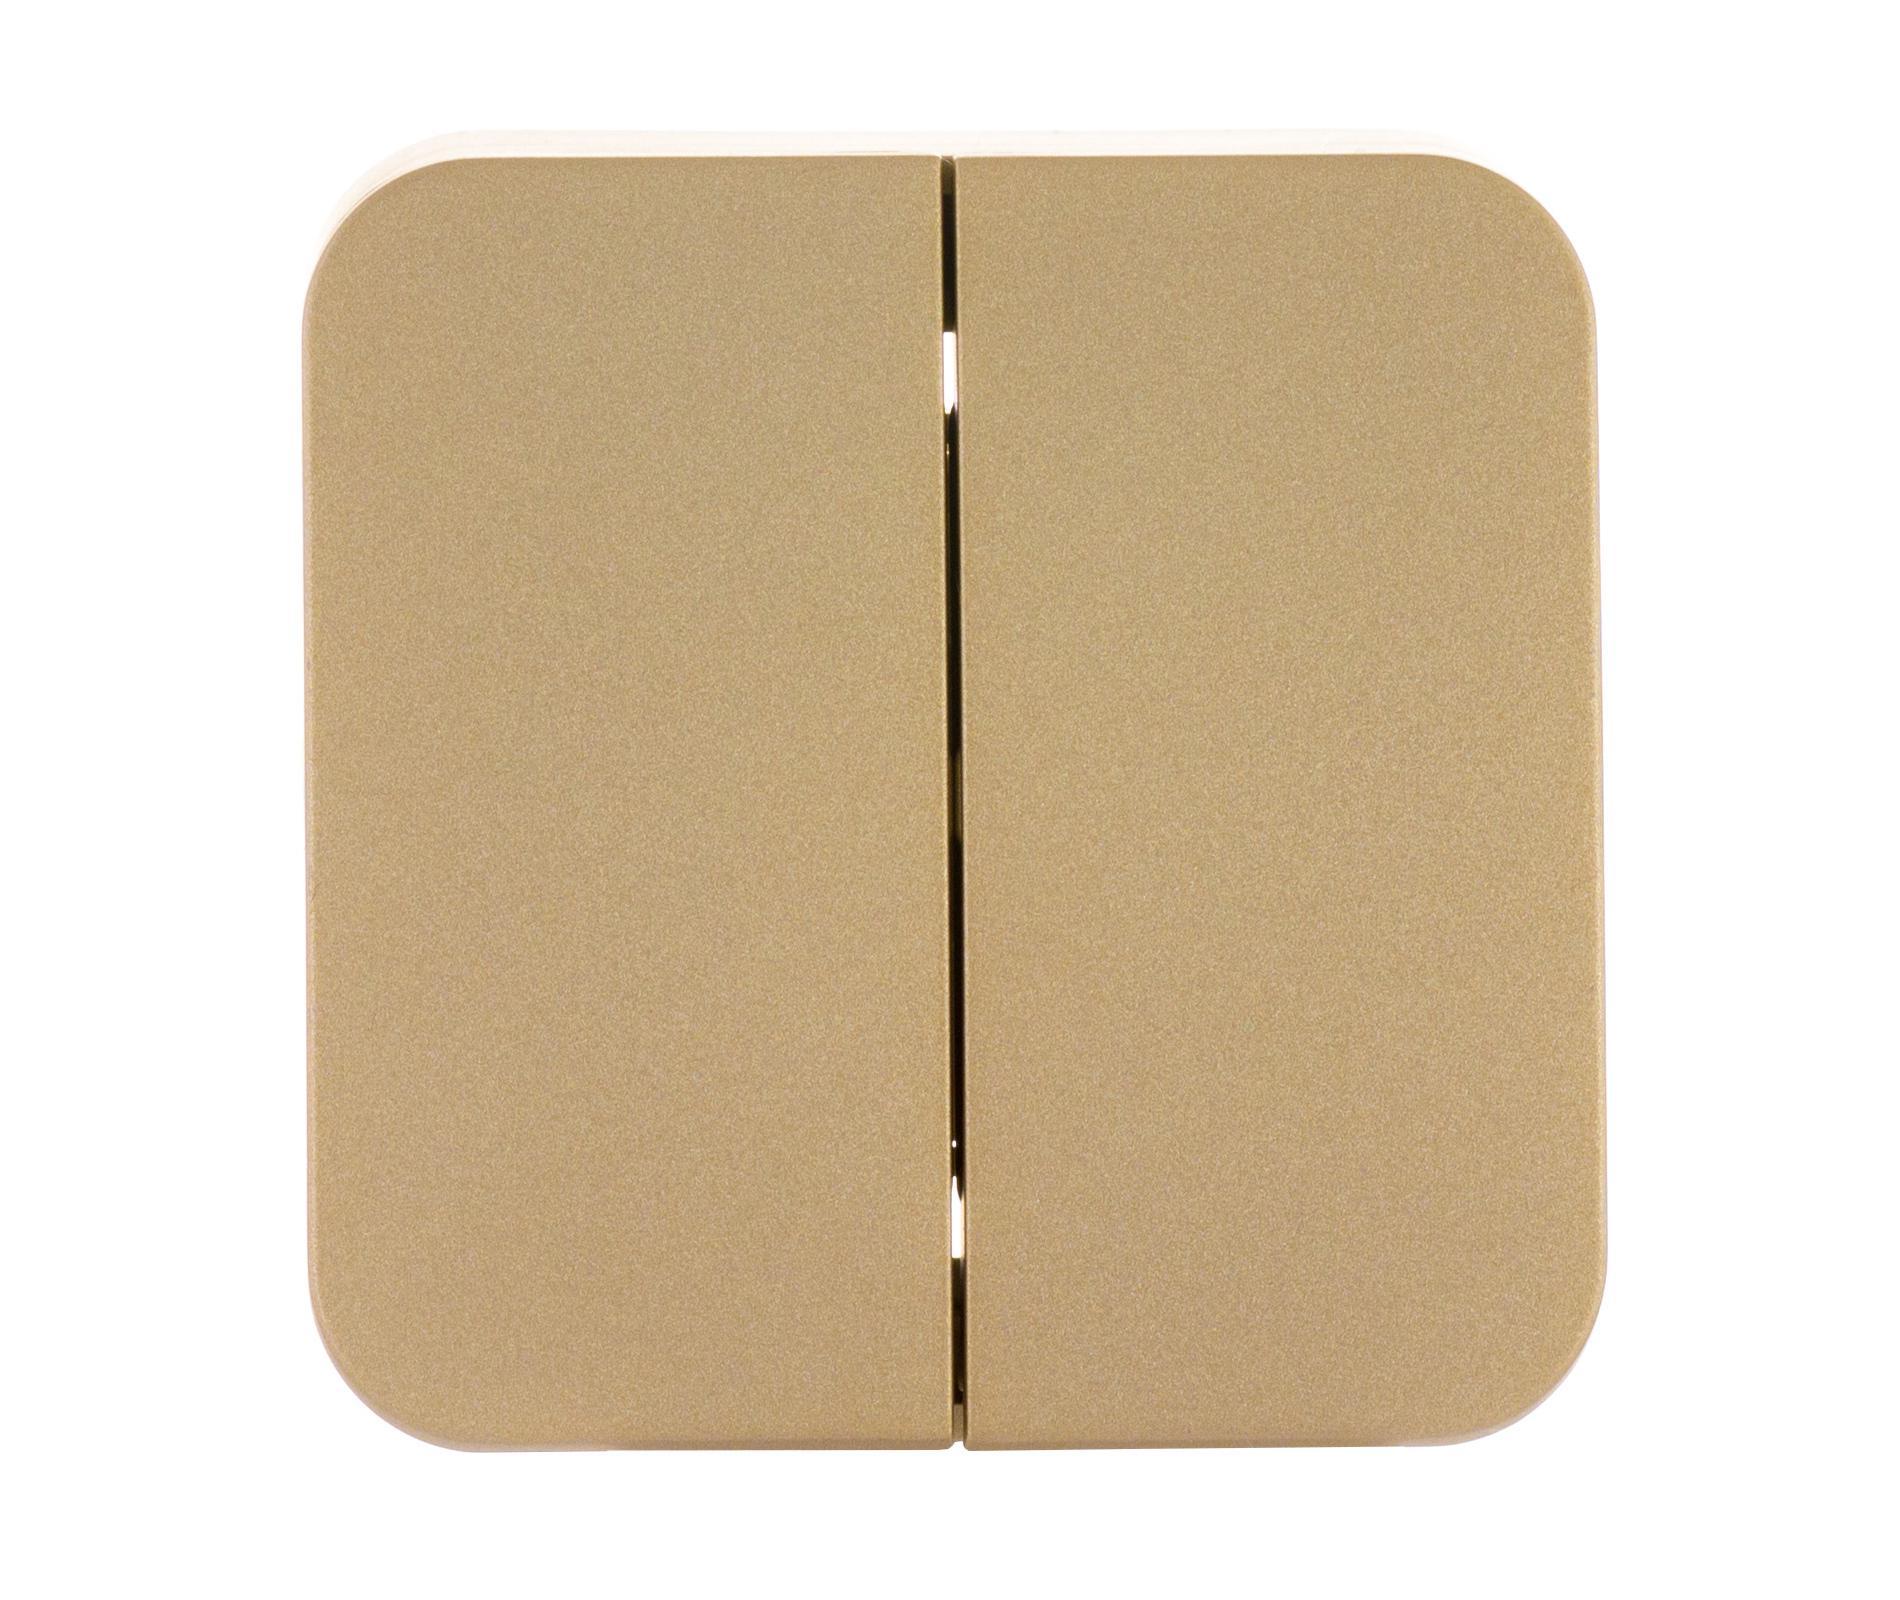 Выключатель Schneider electric Blnva105001 blanca выключатель schneider electric blnva101013 blanca